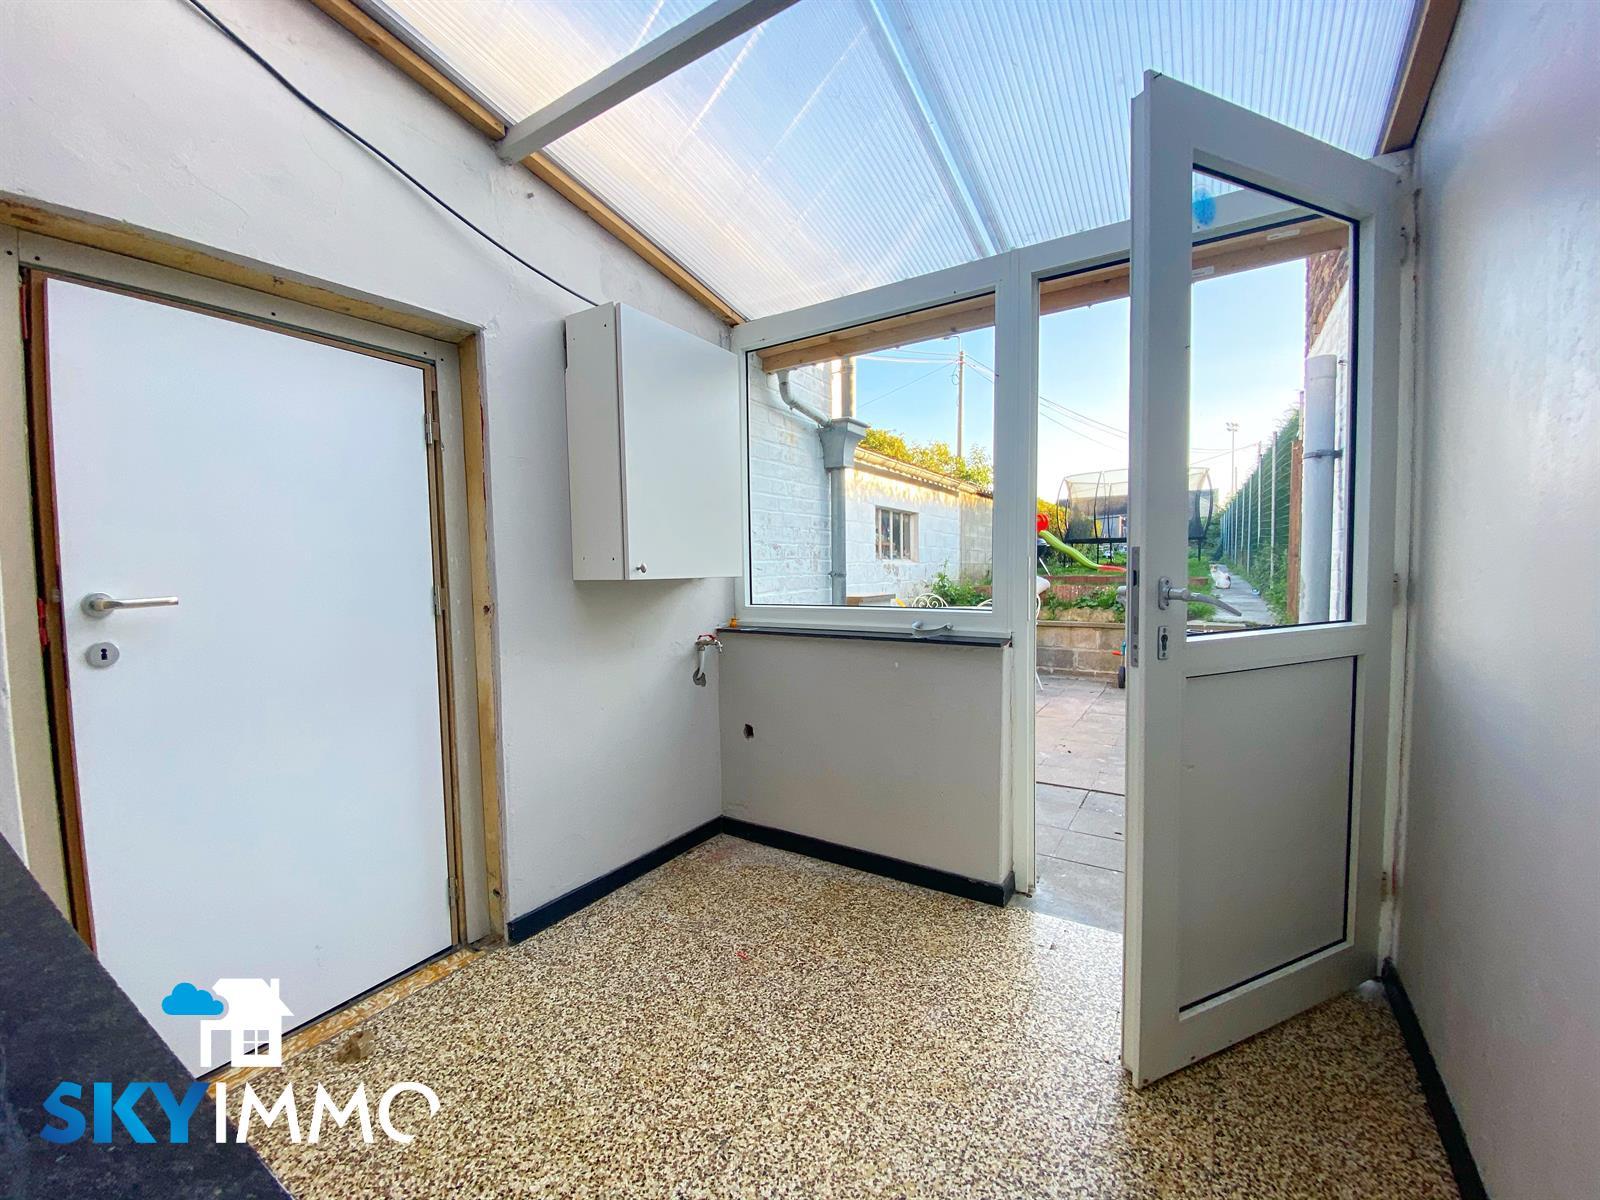 Maison - Saint-Georges-sur-Meuse - #4149456-8